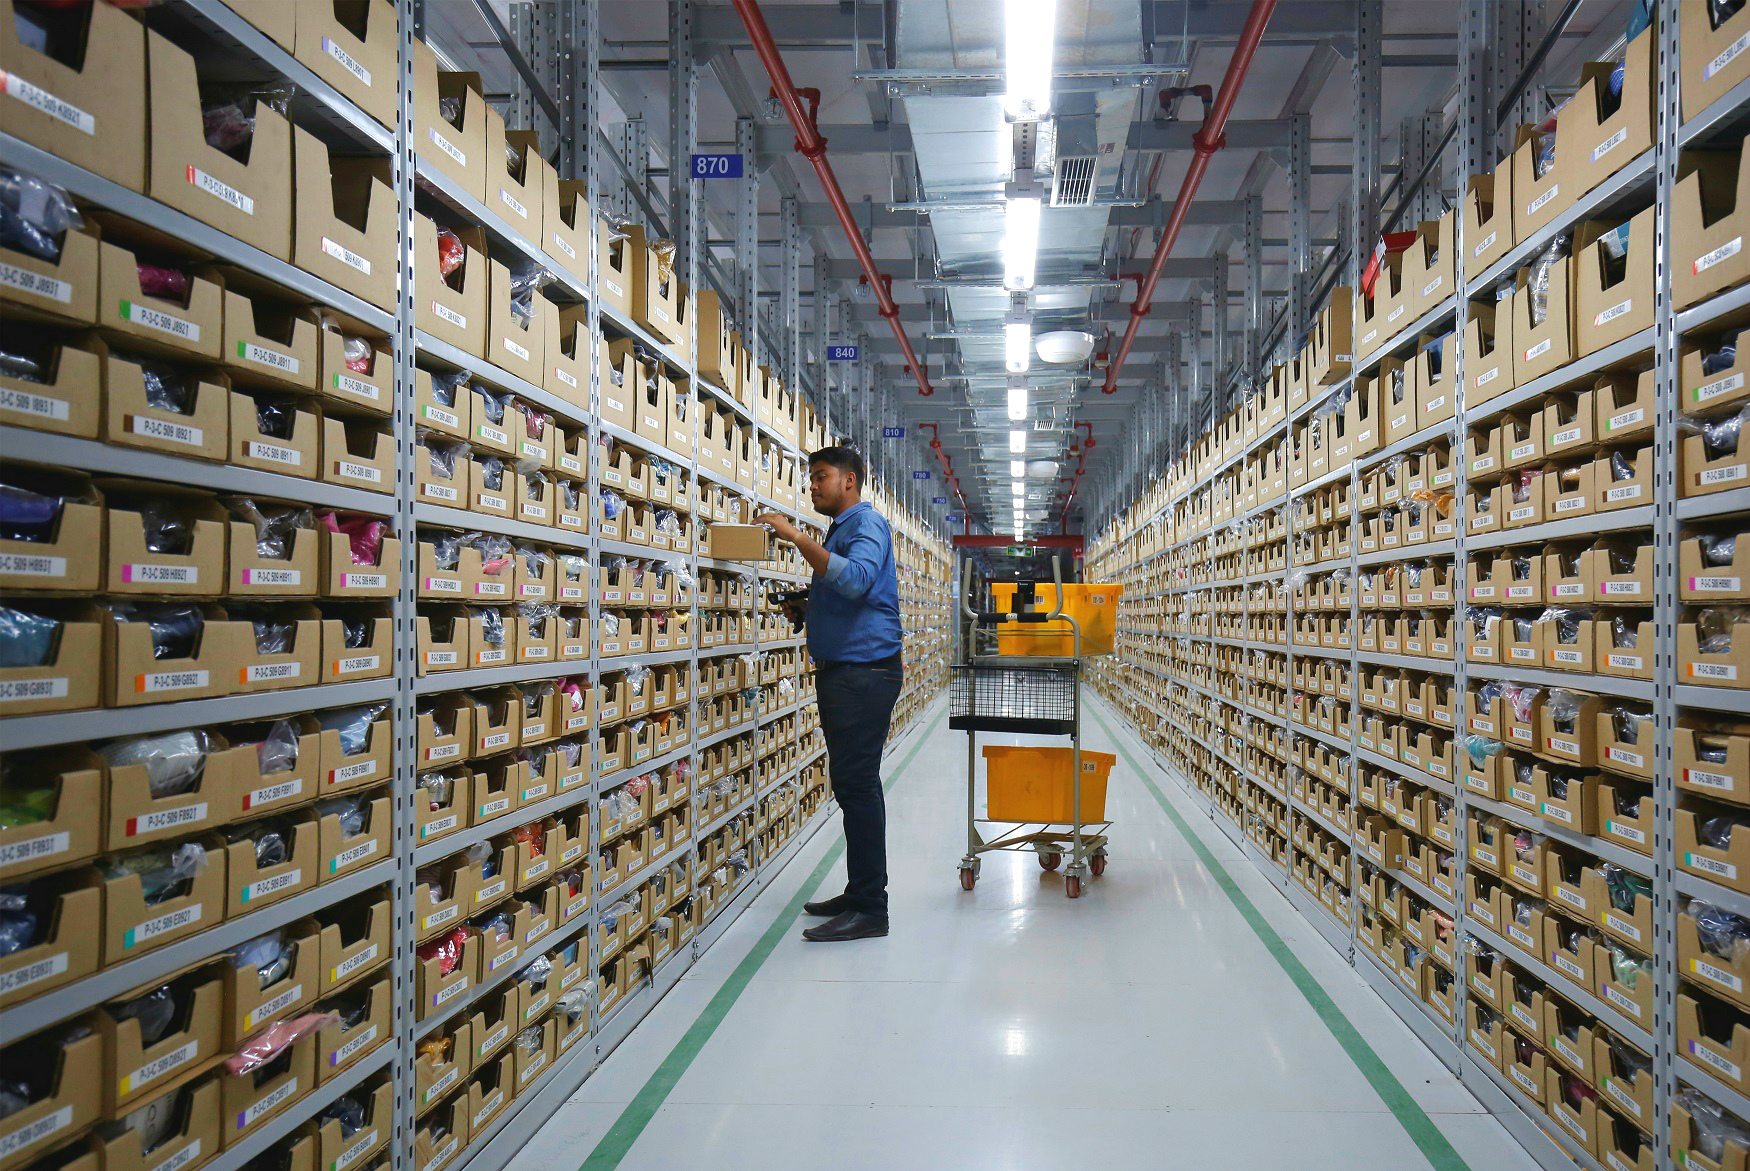 Jeff Bezos Unloads $4 Billion of Amazon Stock in a Week